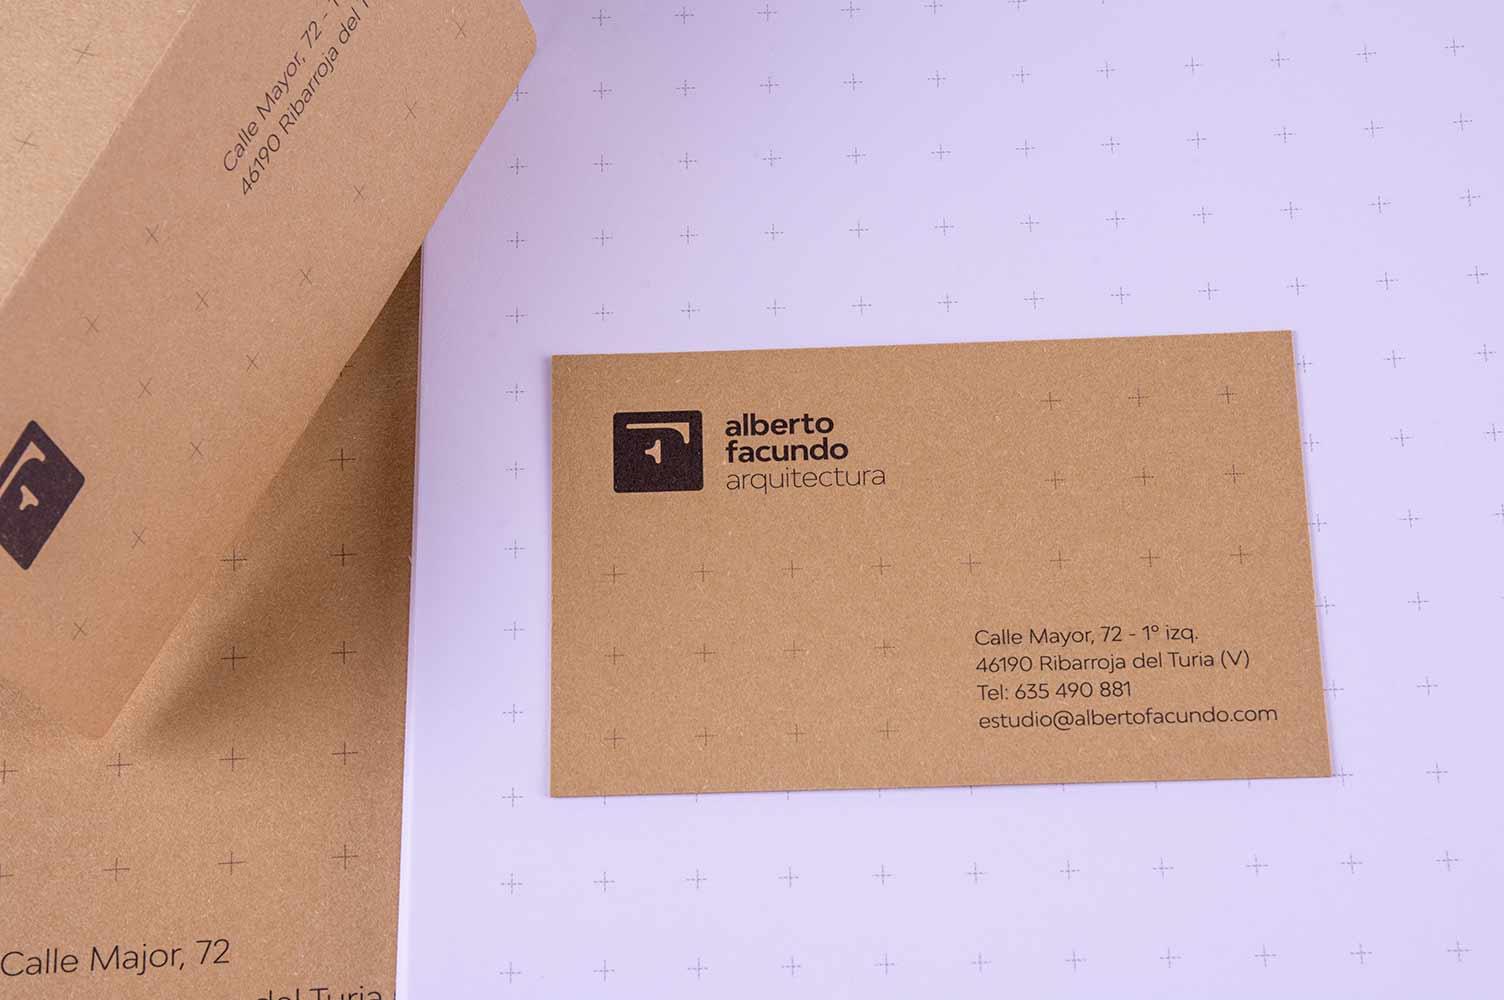 Diseño de marca en papelería impresa sobre papel kraft